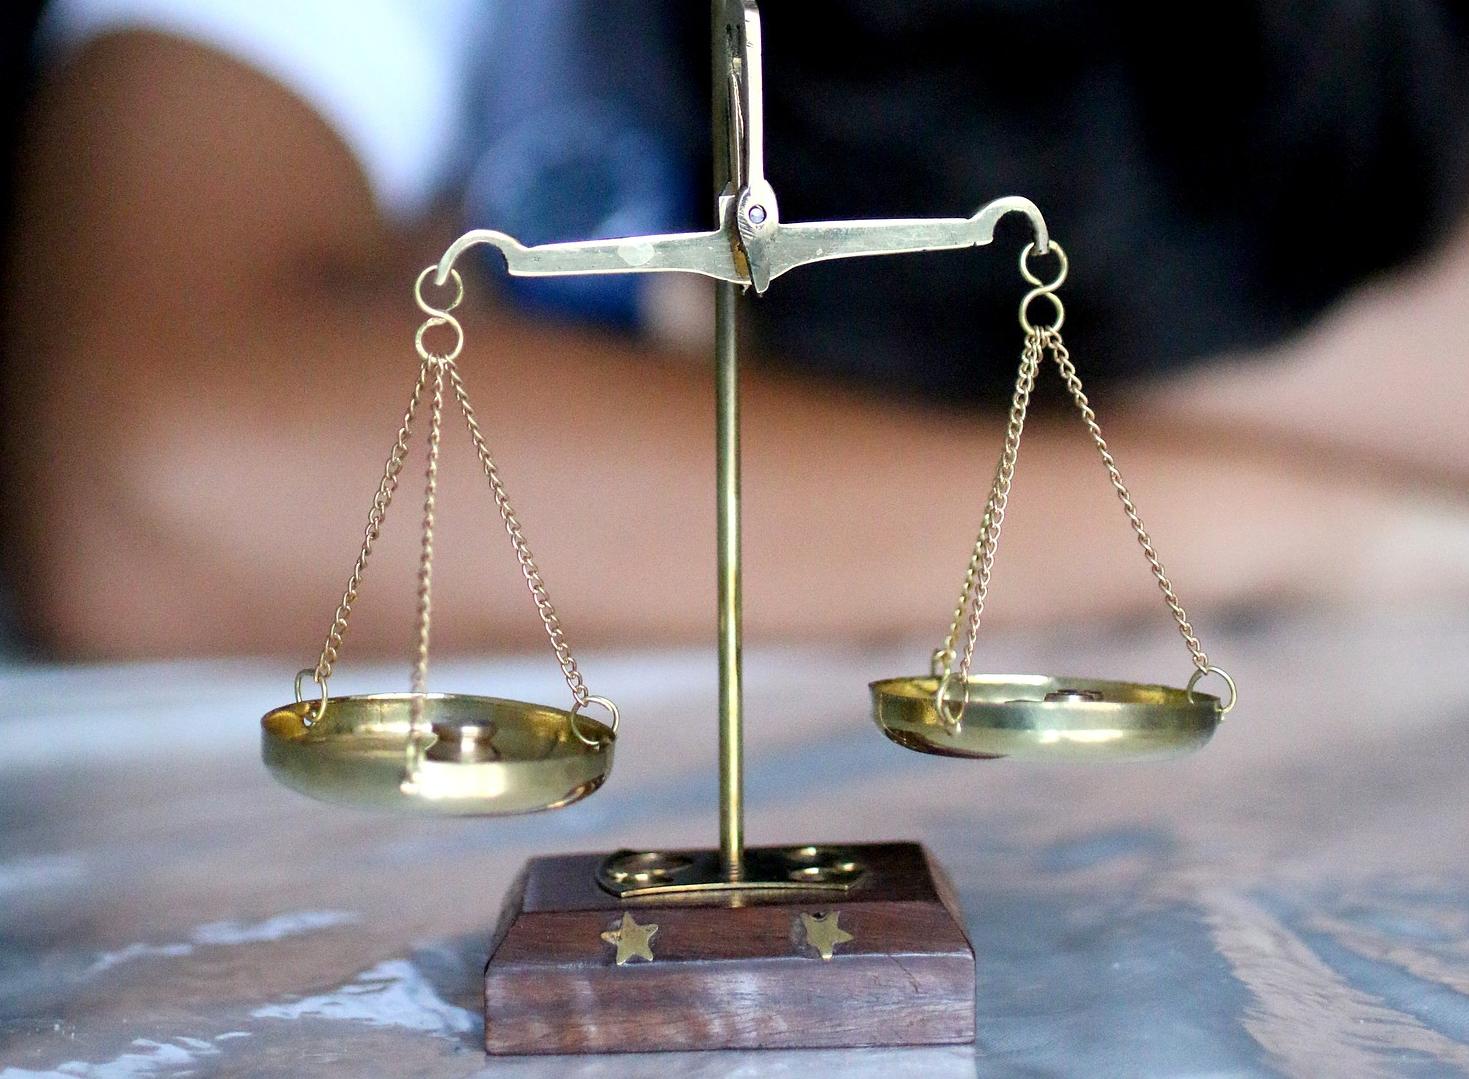 社会保険控除の手続きは「年末調整」または「確定申告」で行う